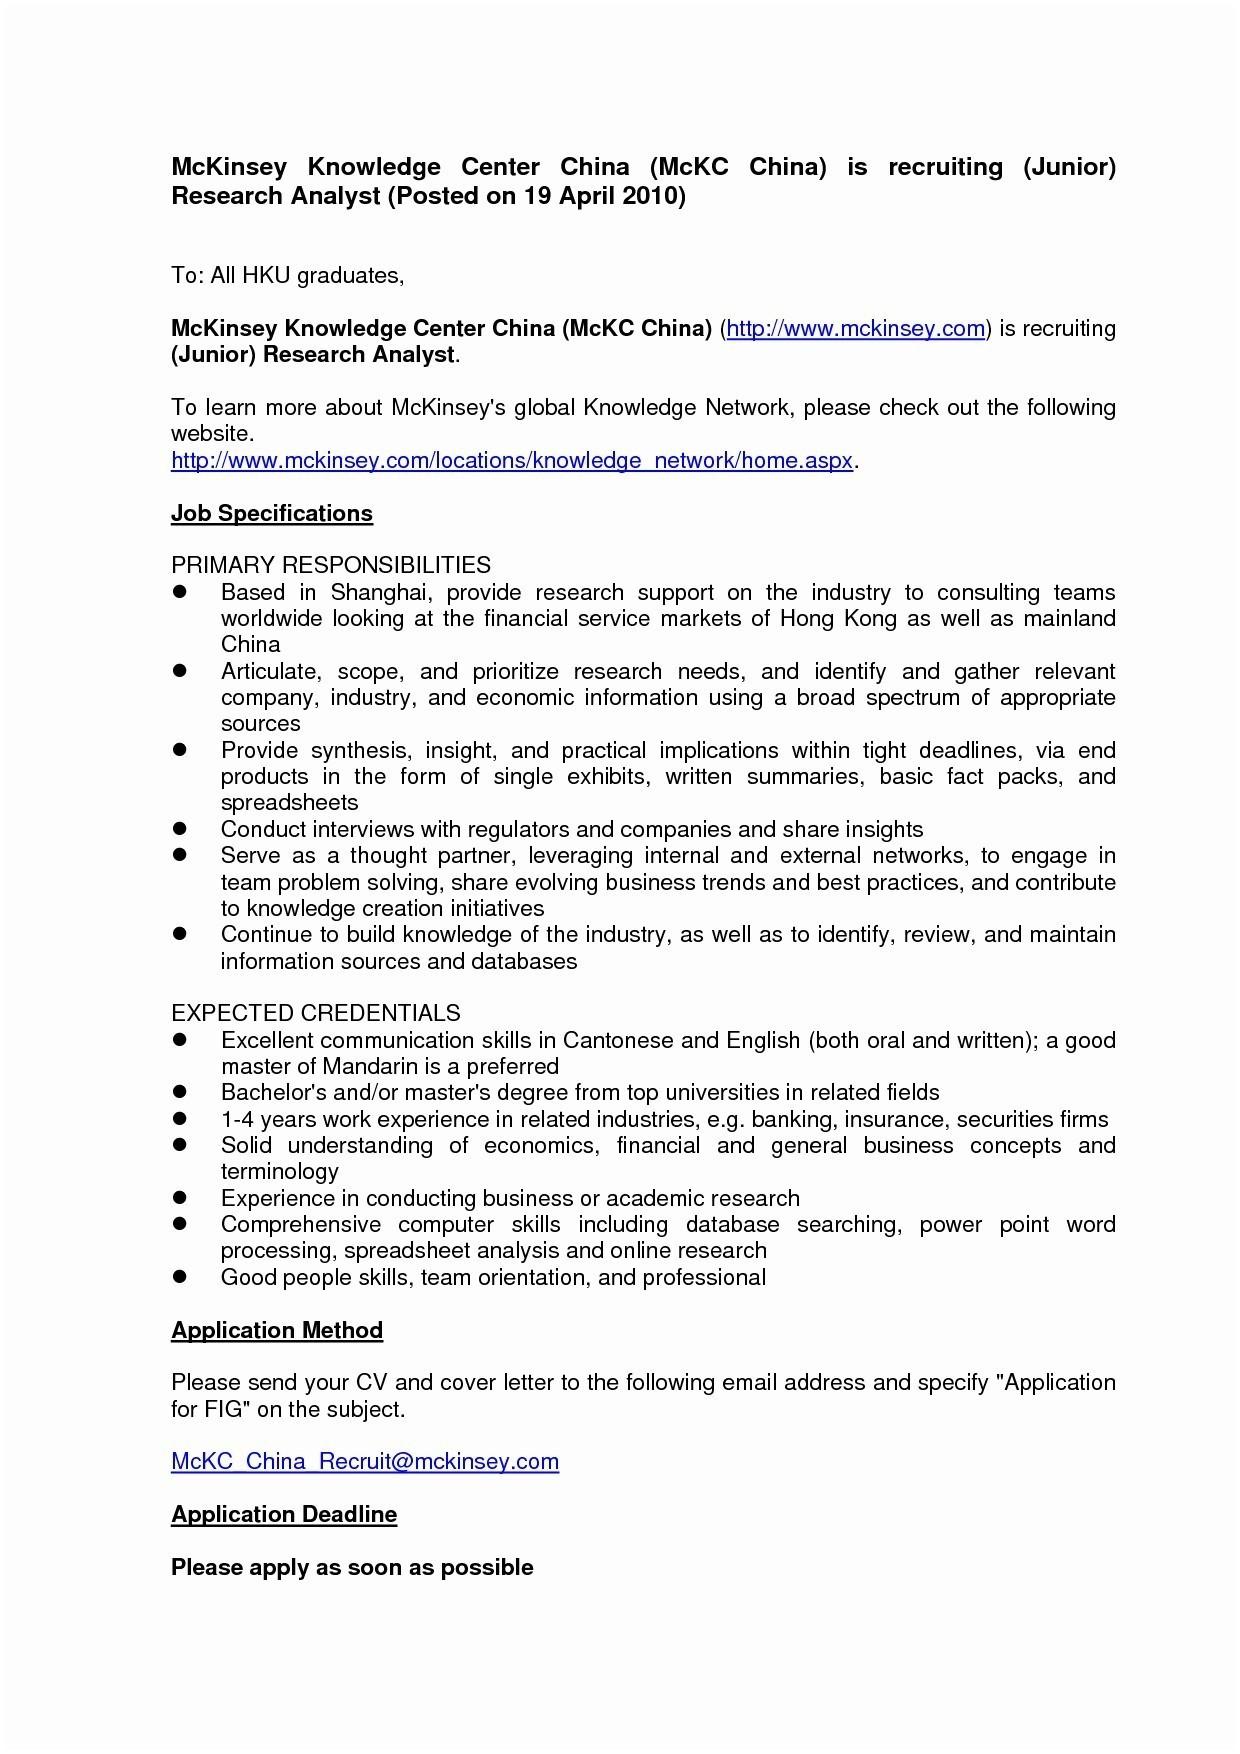 Job Offer Letter Template - formal Job Fer Letter Inspirationa Sample for Job Fer Letter Fresh